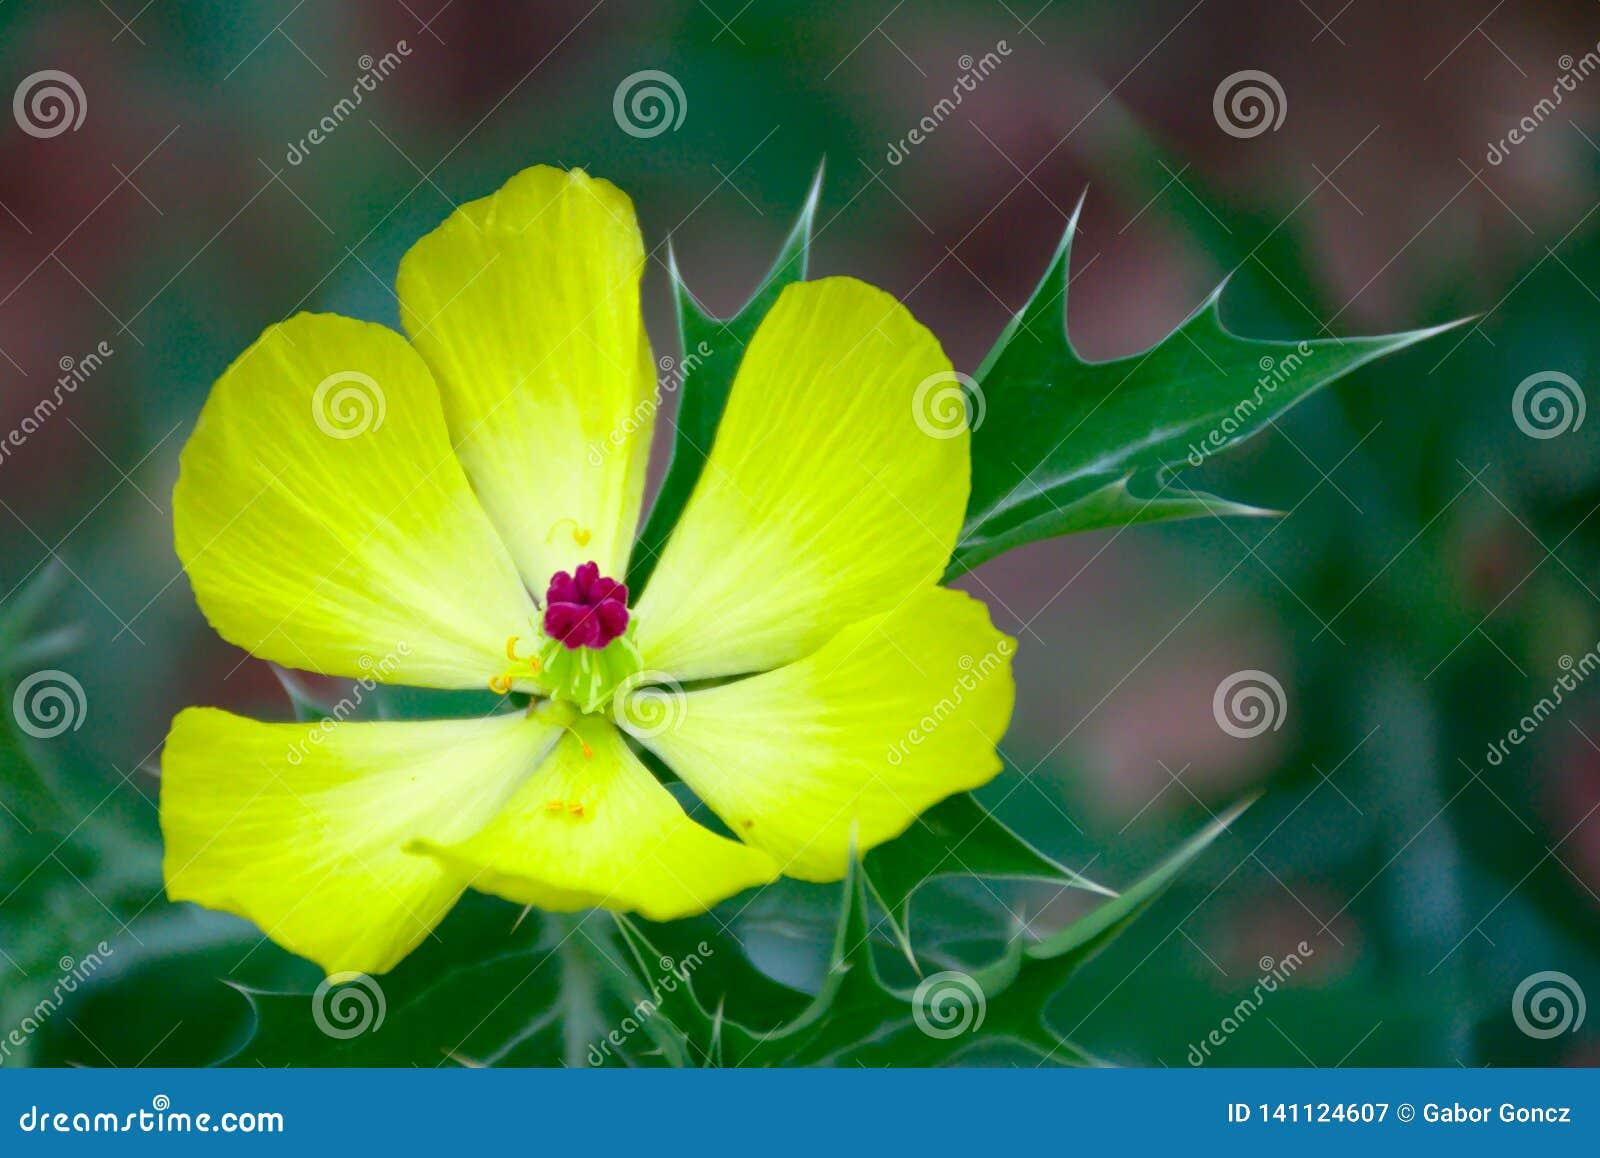 Flor amarela bonita com fundo verde